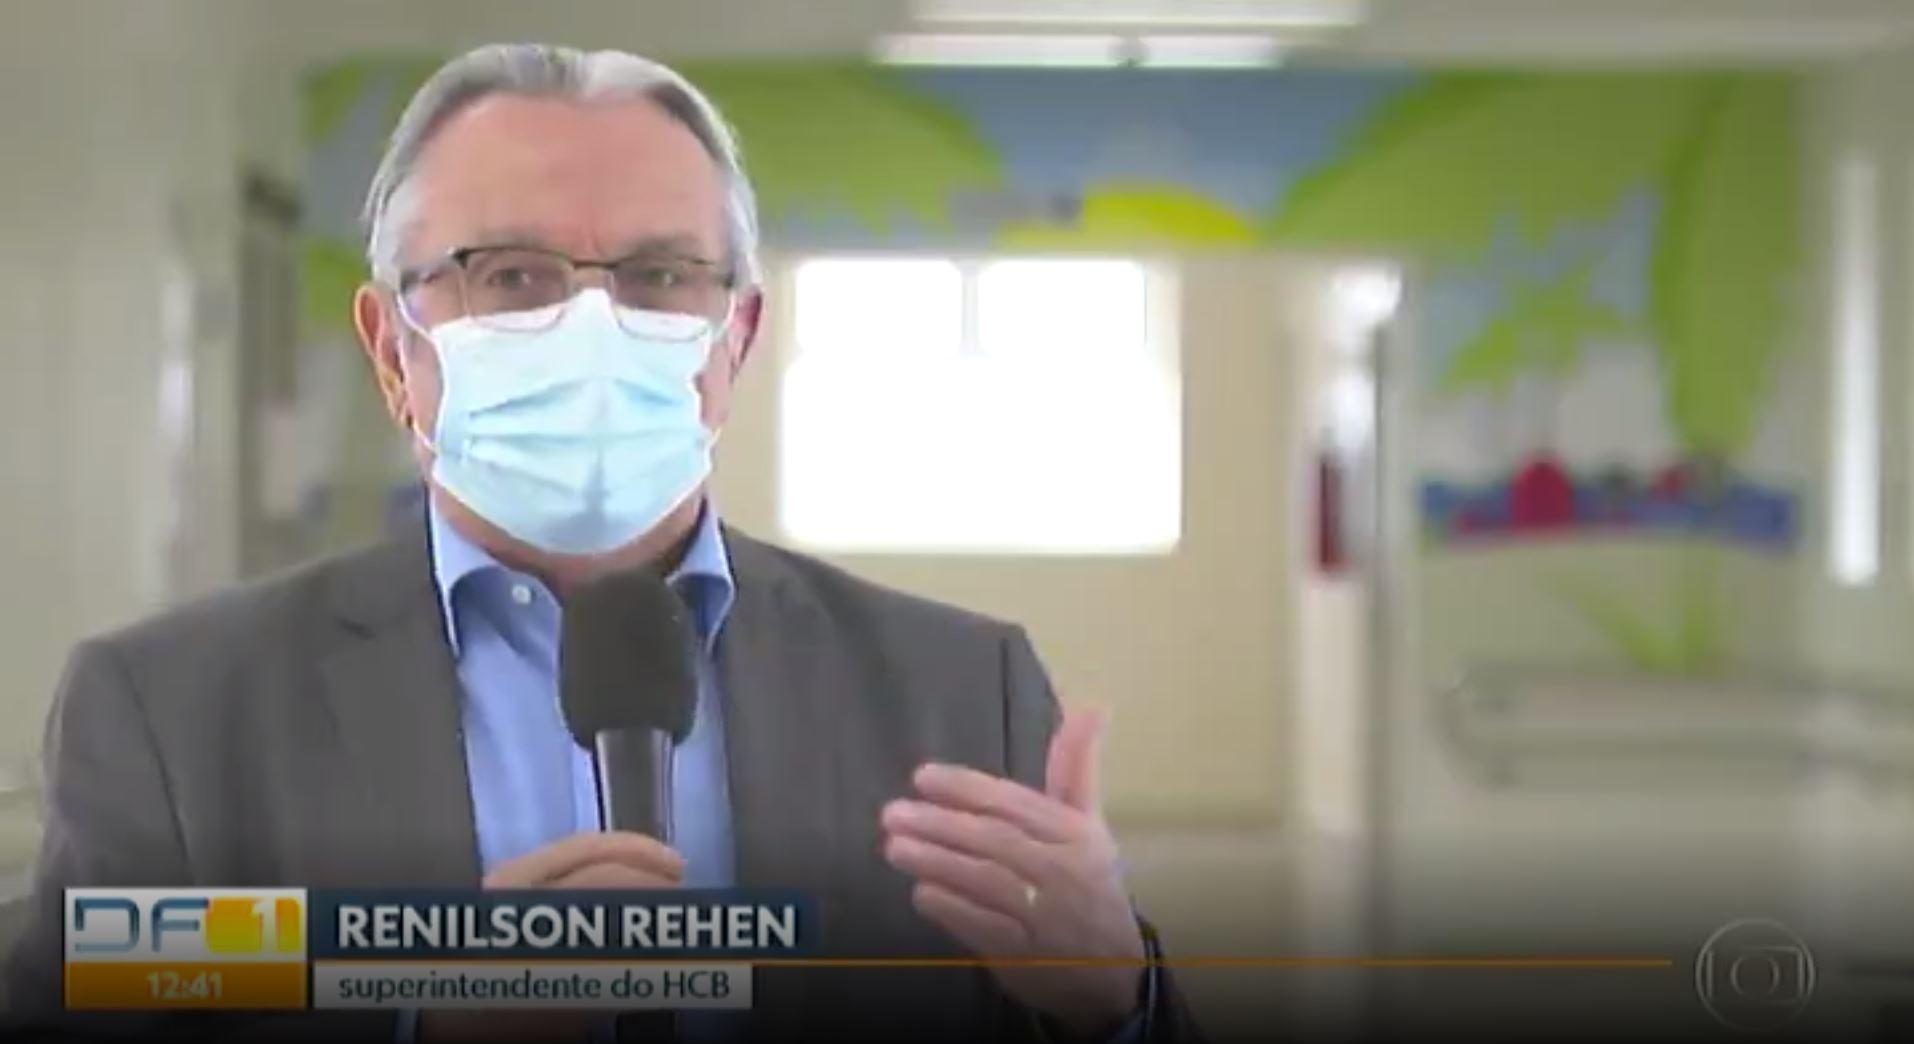 DF1/TV Globo: Hospital da Criança de Brasília comemora 9 anos de atendimentos